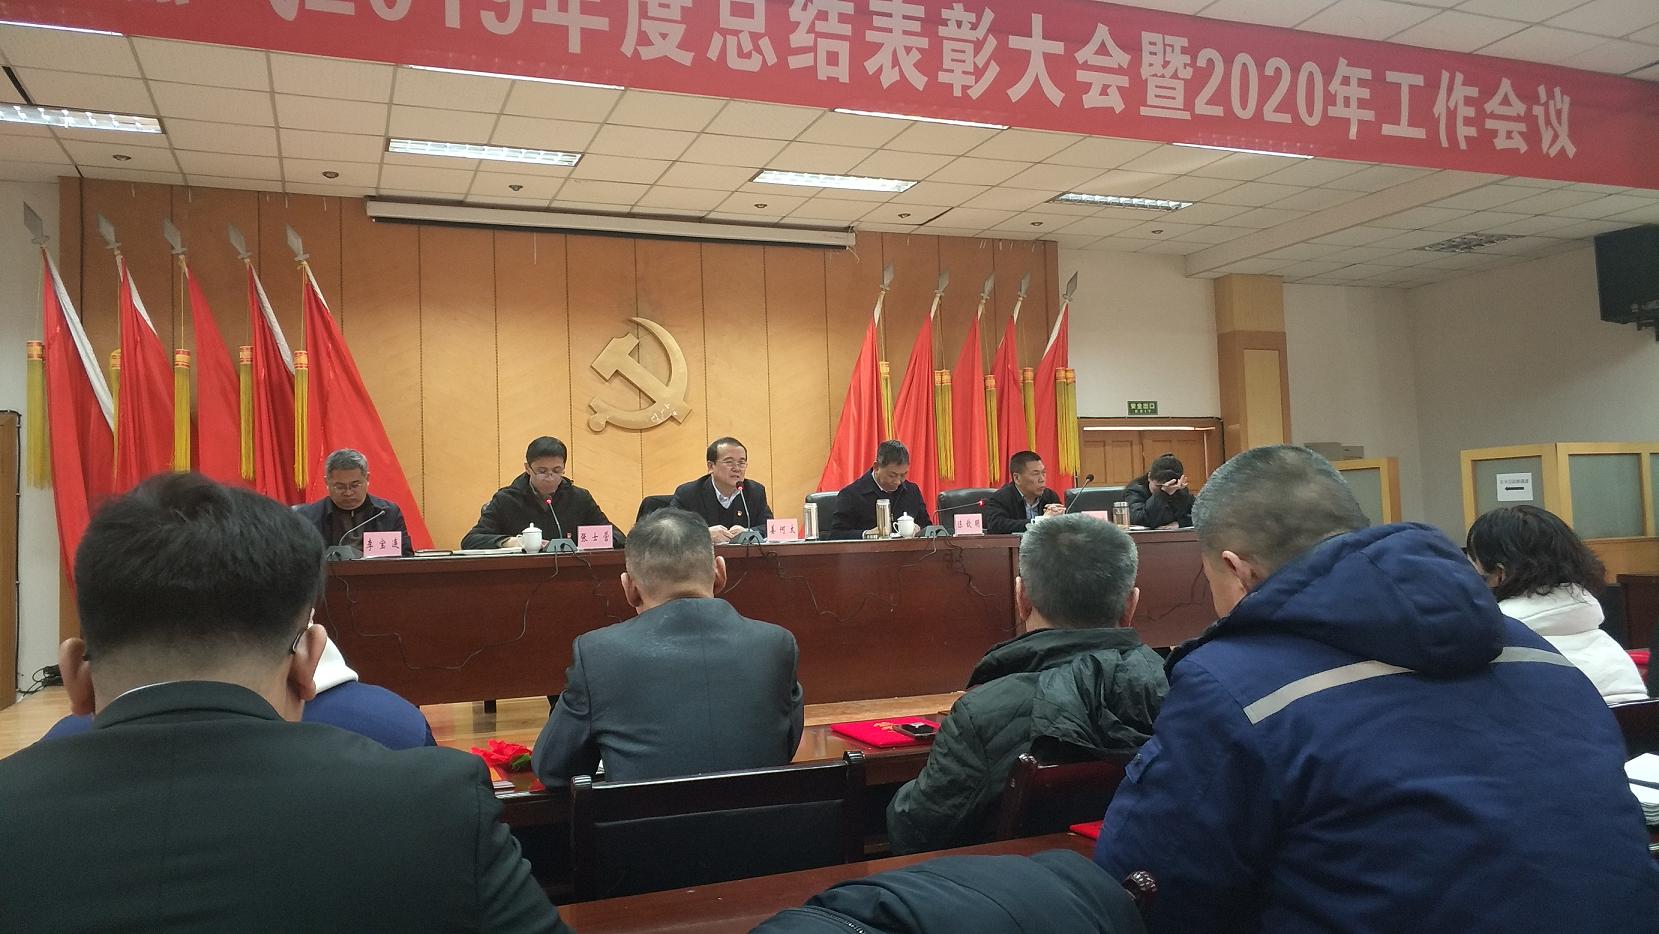 濮陽市長城燃氣有限責任公司2019年工作總結表彰大會暨2020年工作安排會議隆重召開